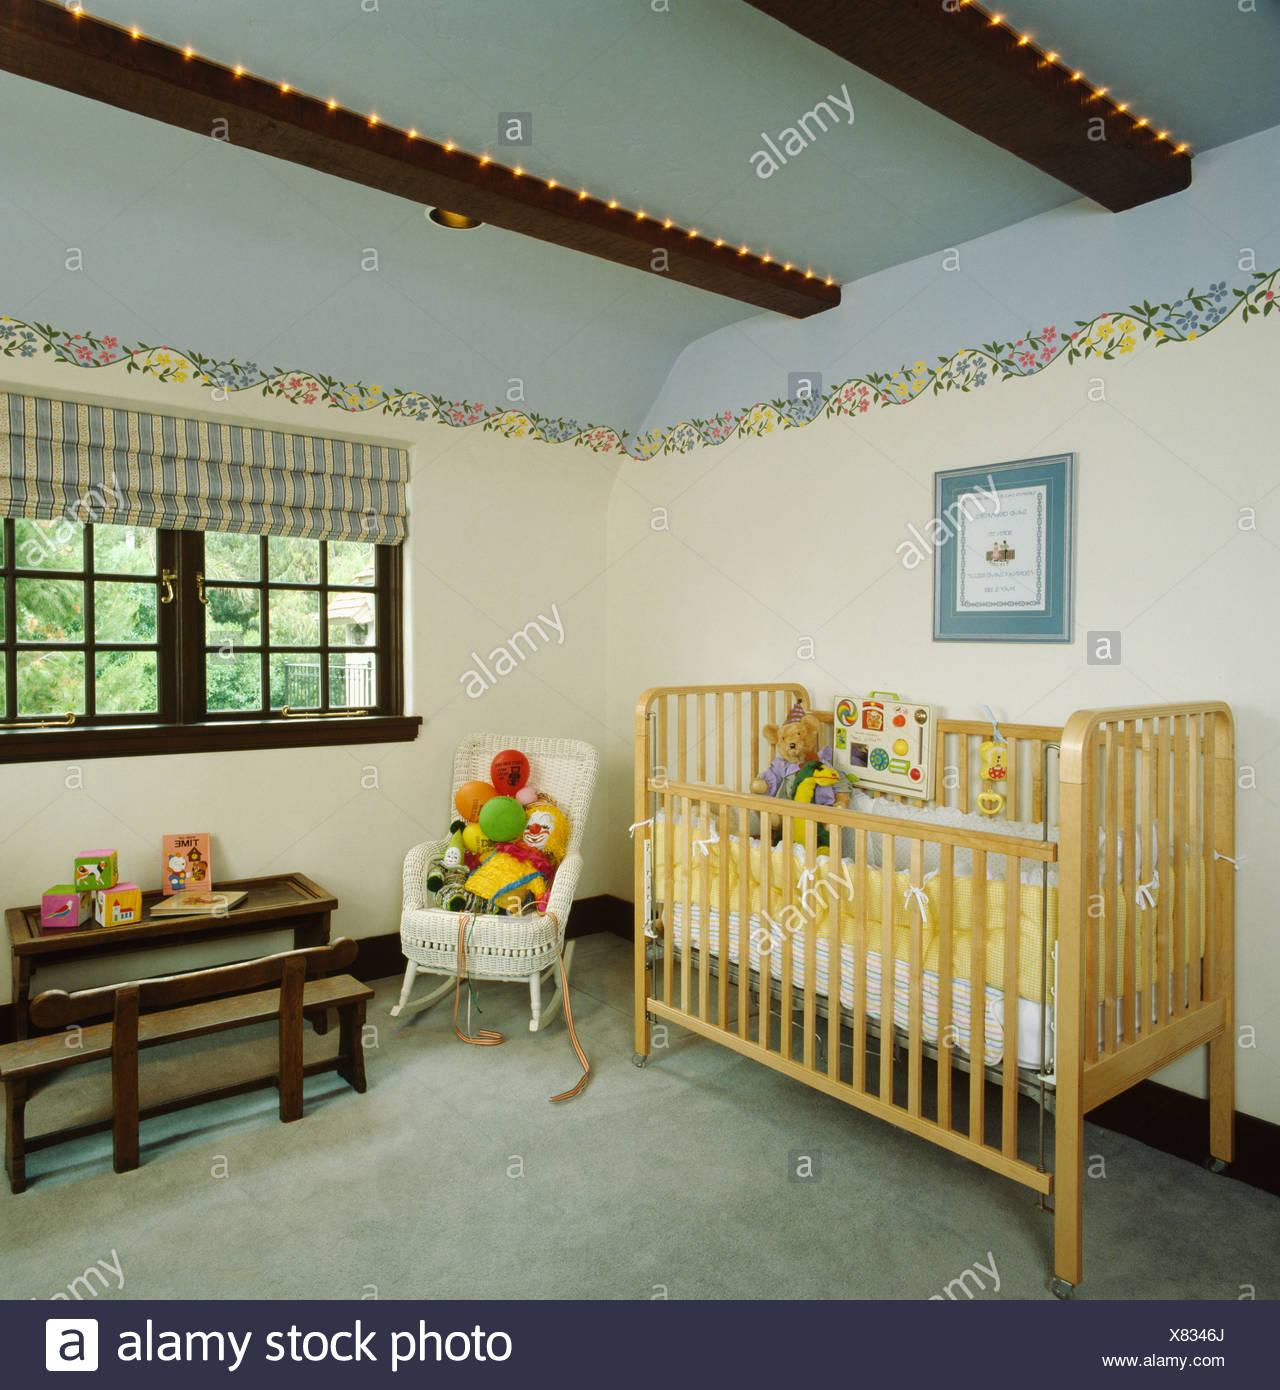 kinderzimmer kinderzimmer mit blauen decke und holz kinderbett